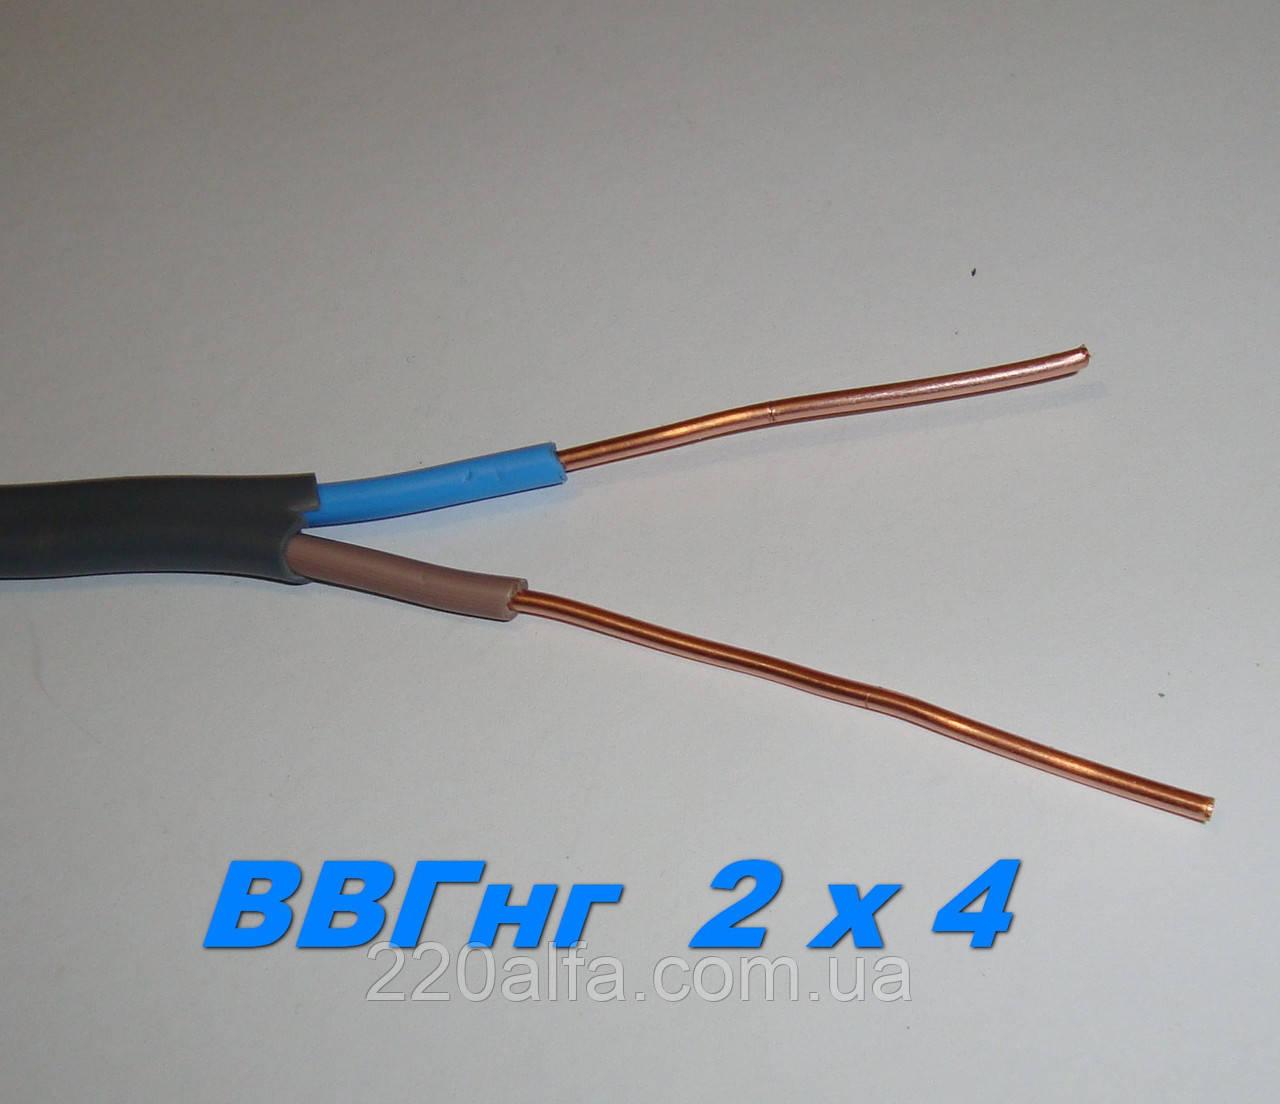 Силовой медный кабель провод ВВГнг 2х 4 нгд полноценный.